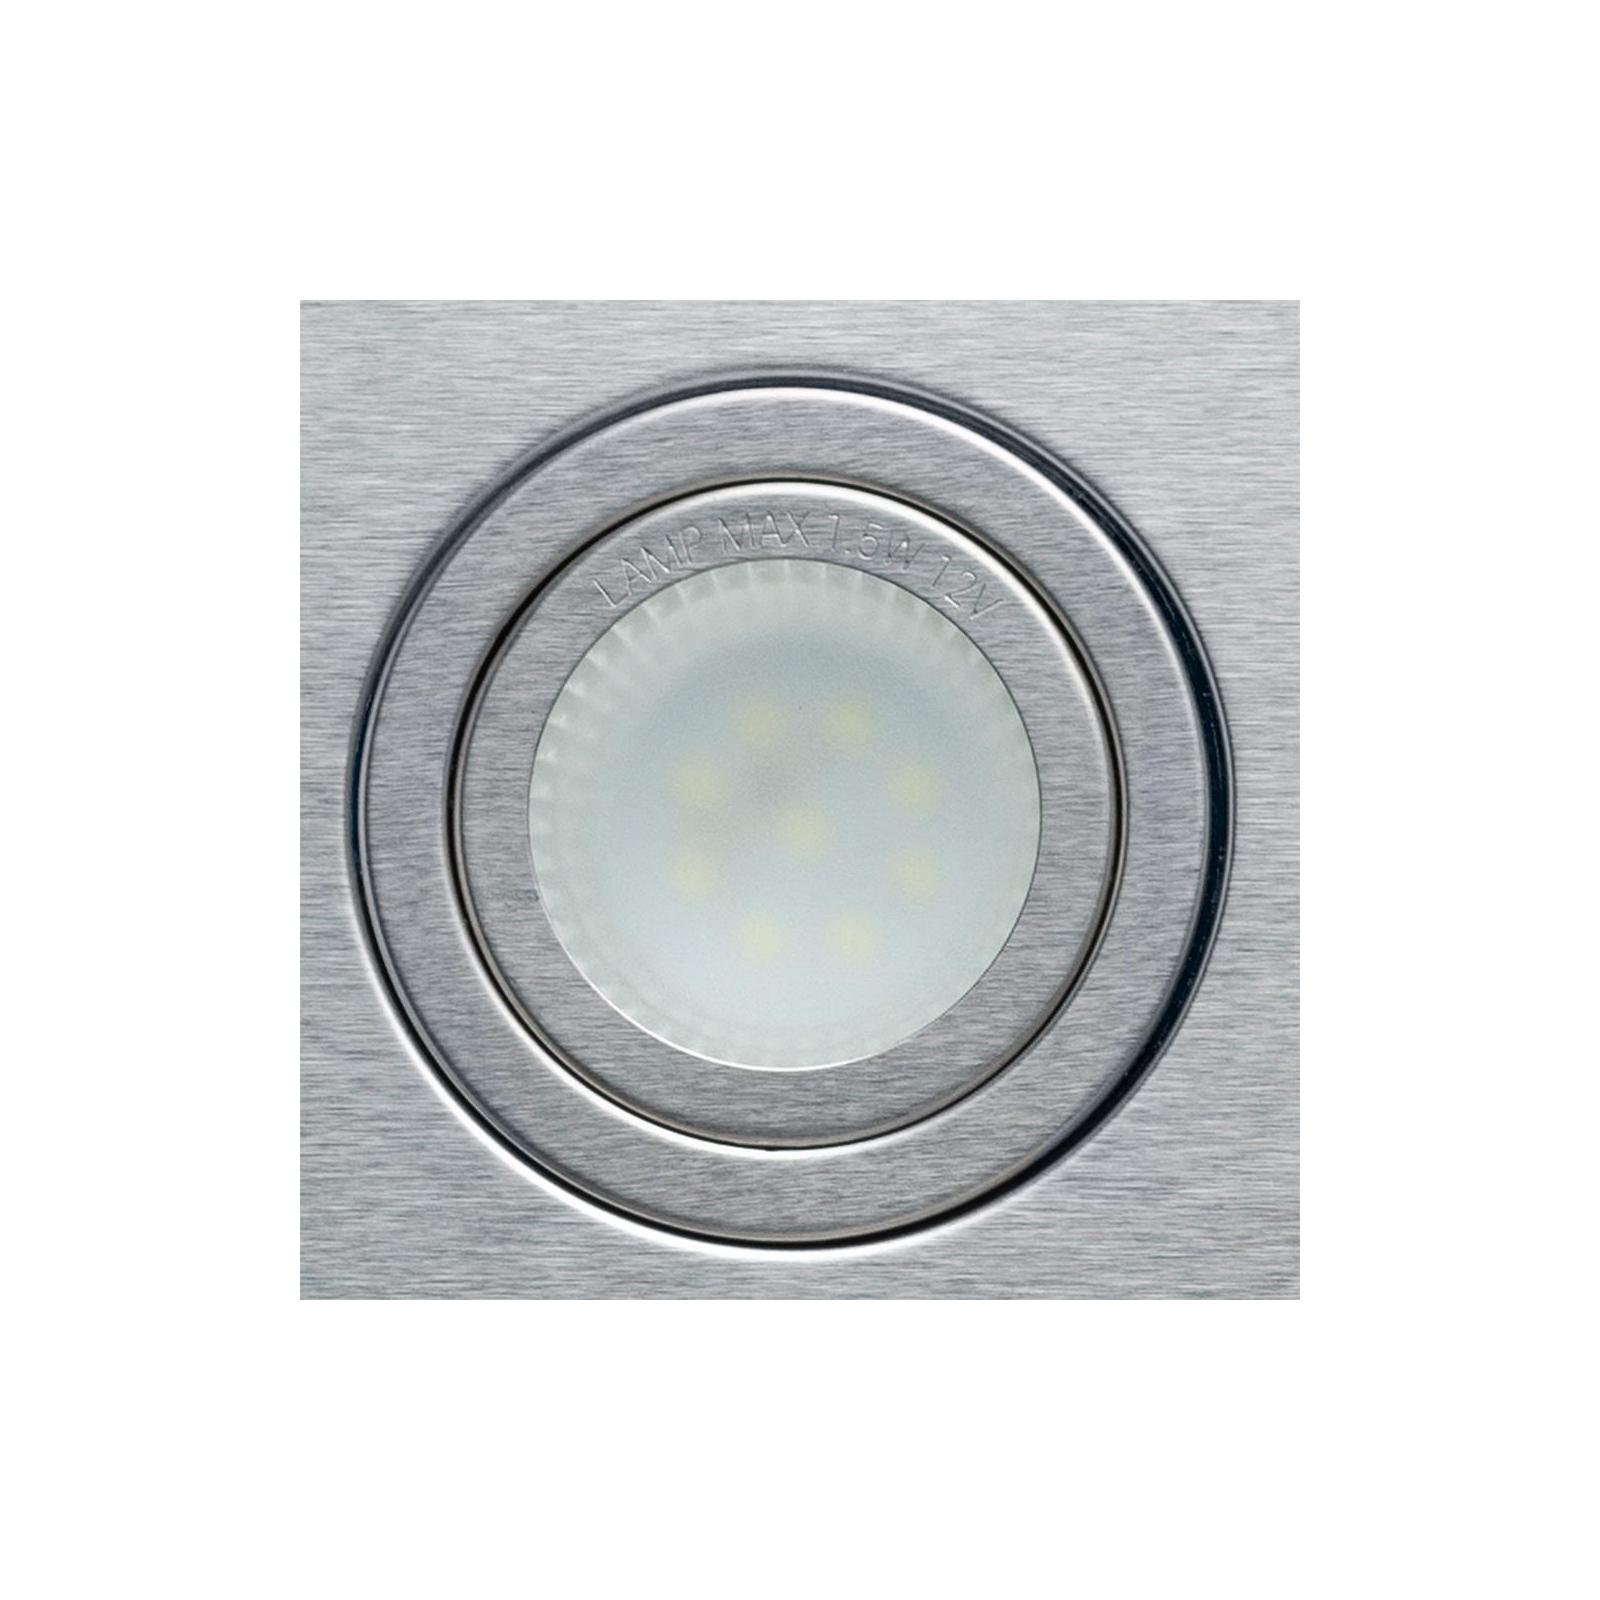 Вытяжка кухонная MINOLA HBI 7812 I 1200 LED изображение 6